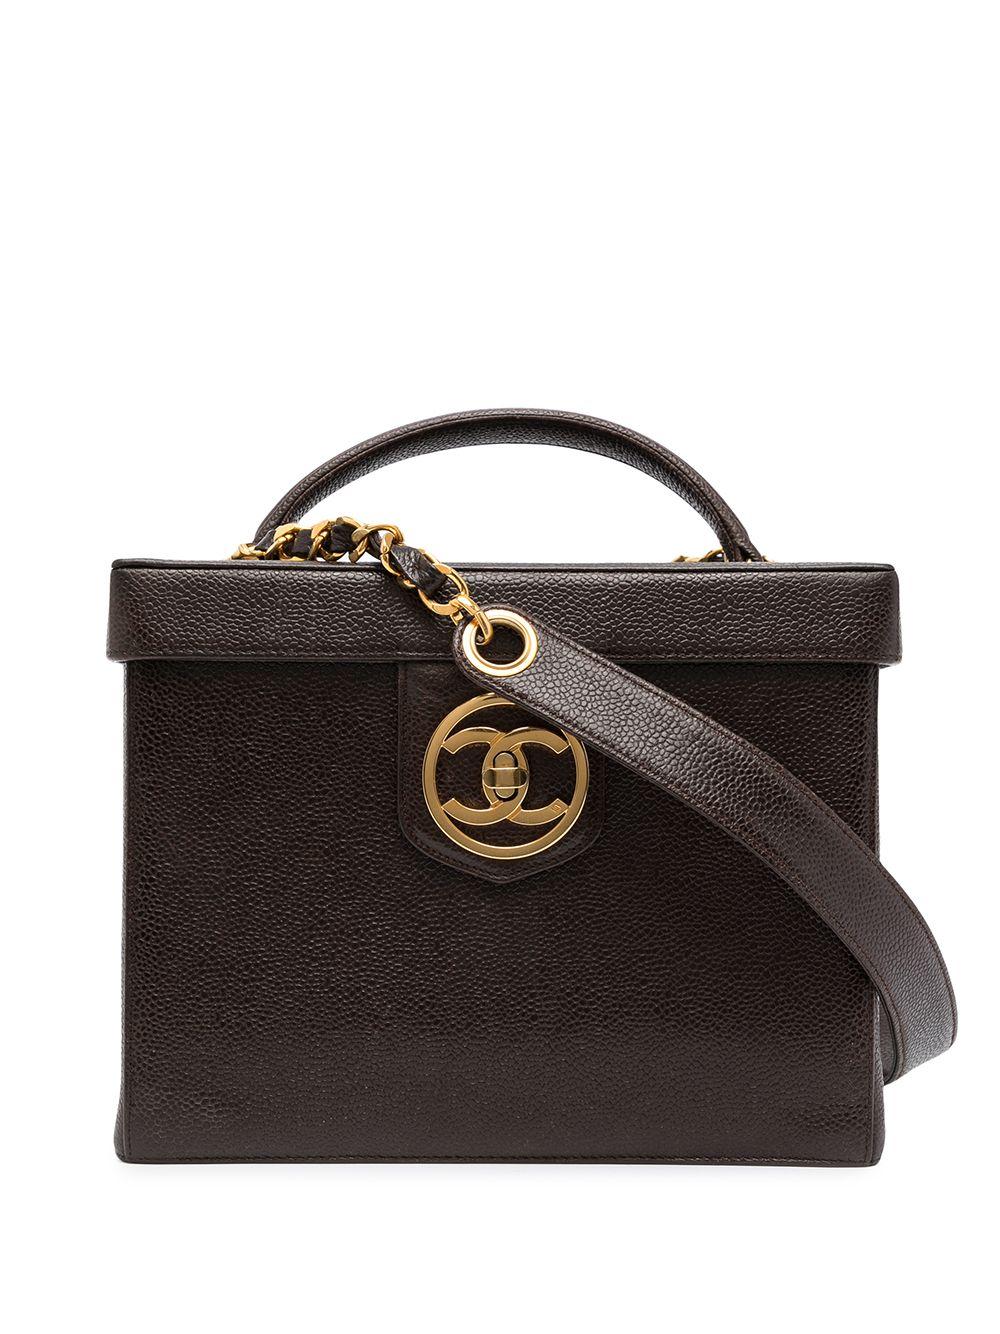 Chanel Pre-Owned 1992 CC turn-lock Vanity two-way bag - Brown